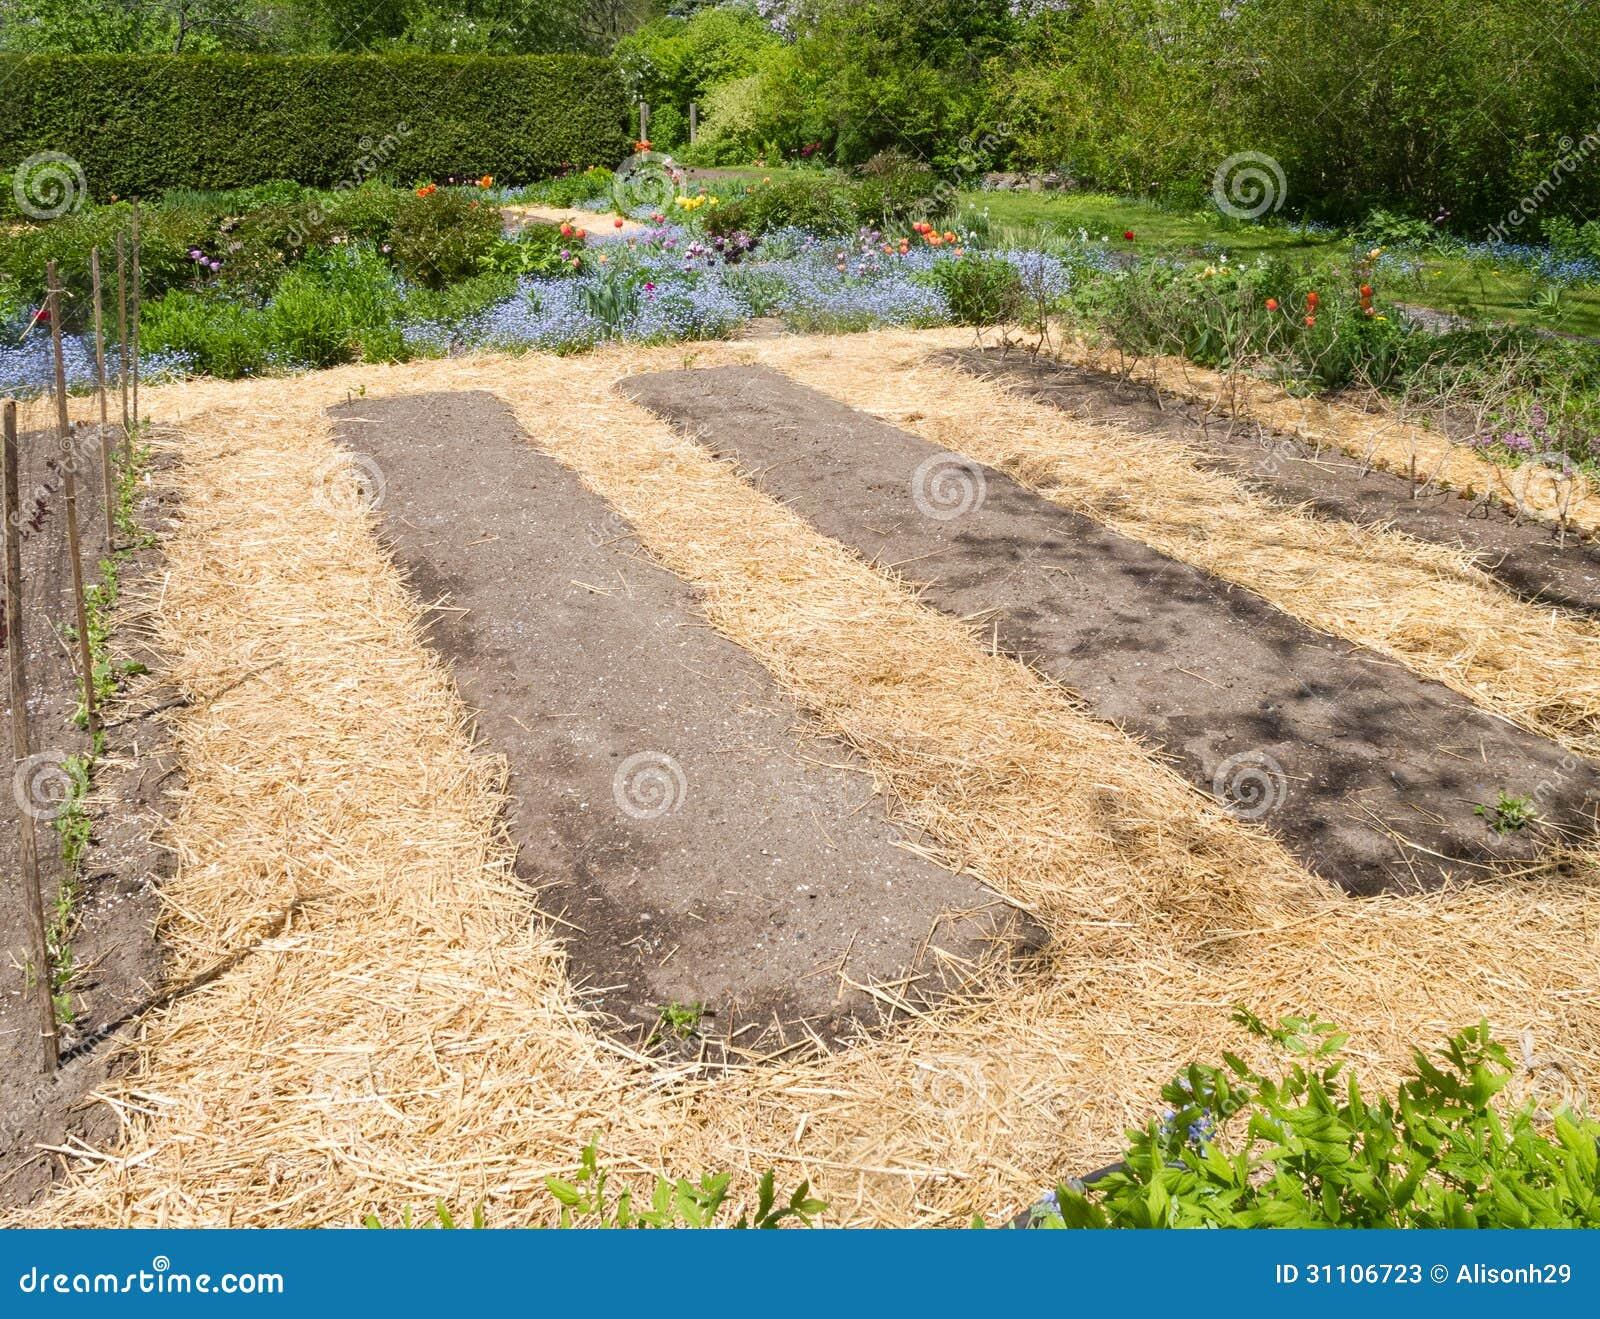 how to put mulch in garden